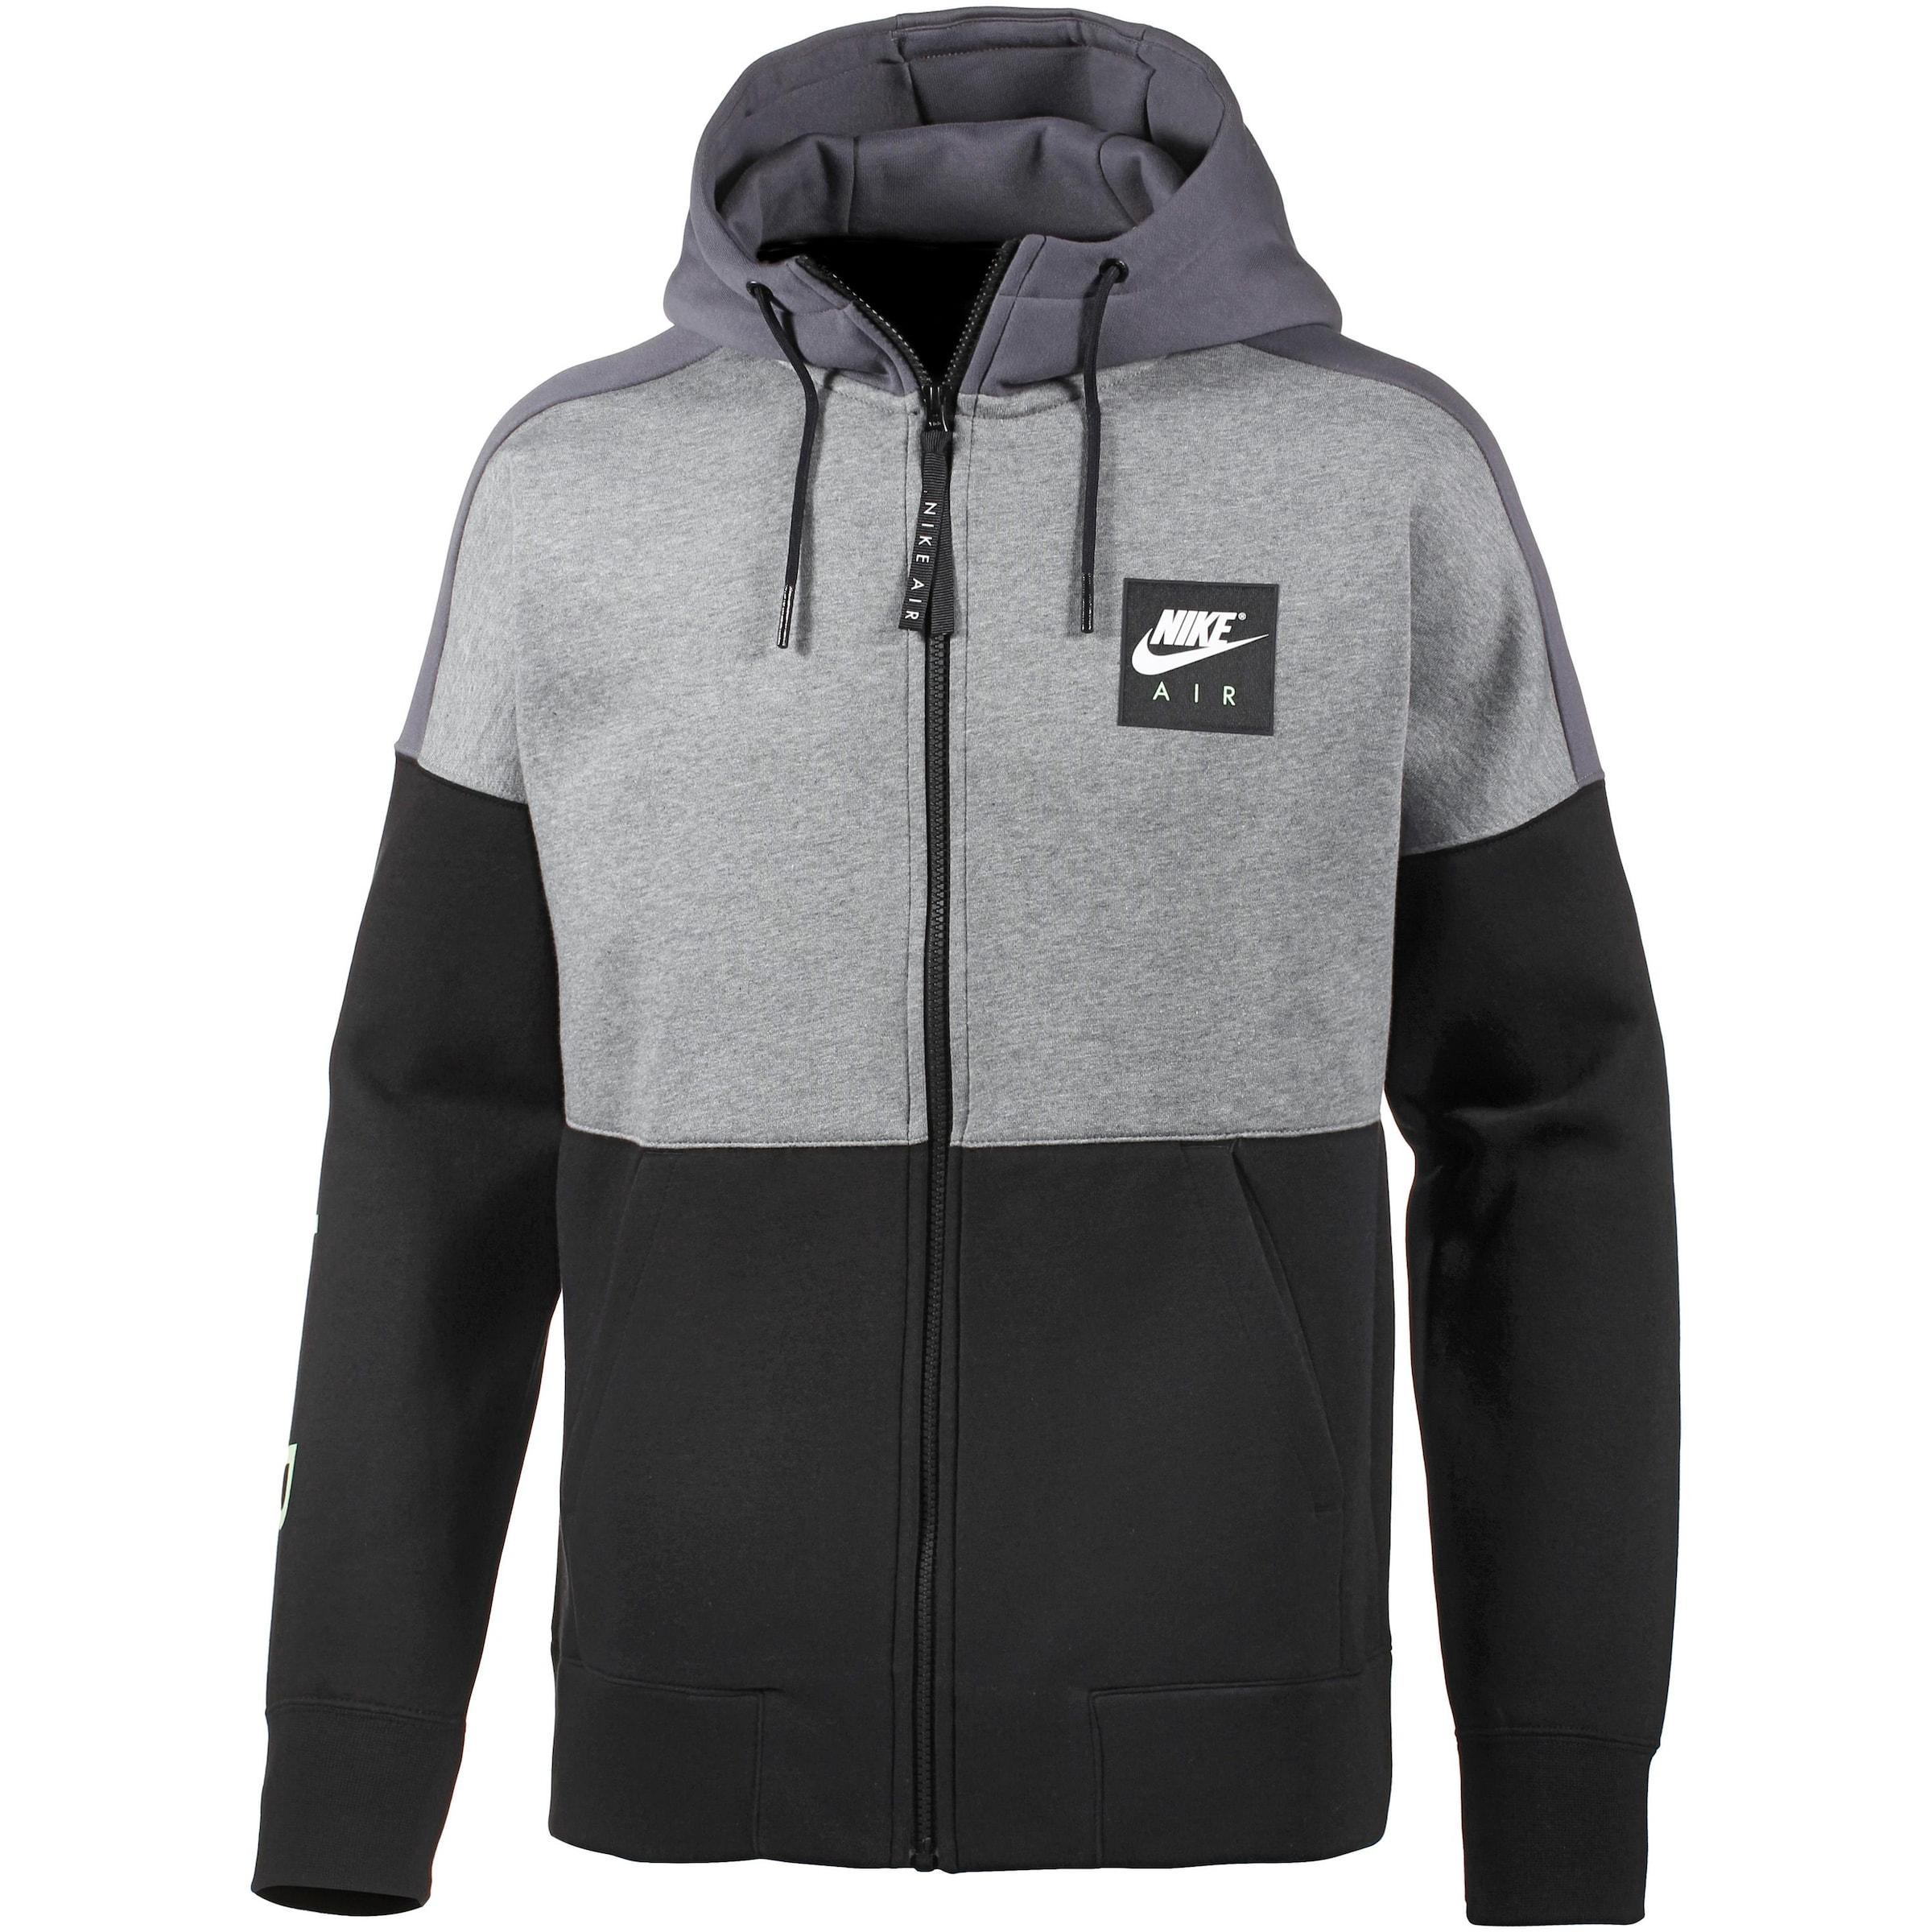 Nike Sportswear Kapuzenjacke Footaction Steckdose Modische t8p3hBlZi